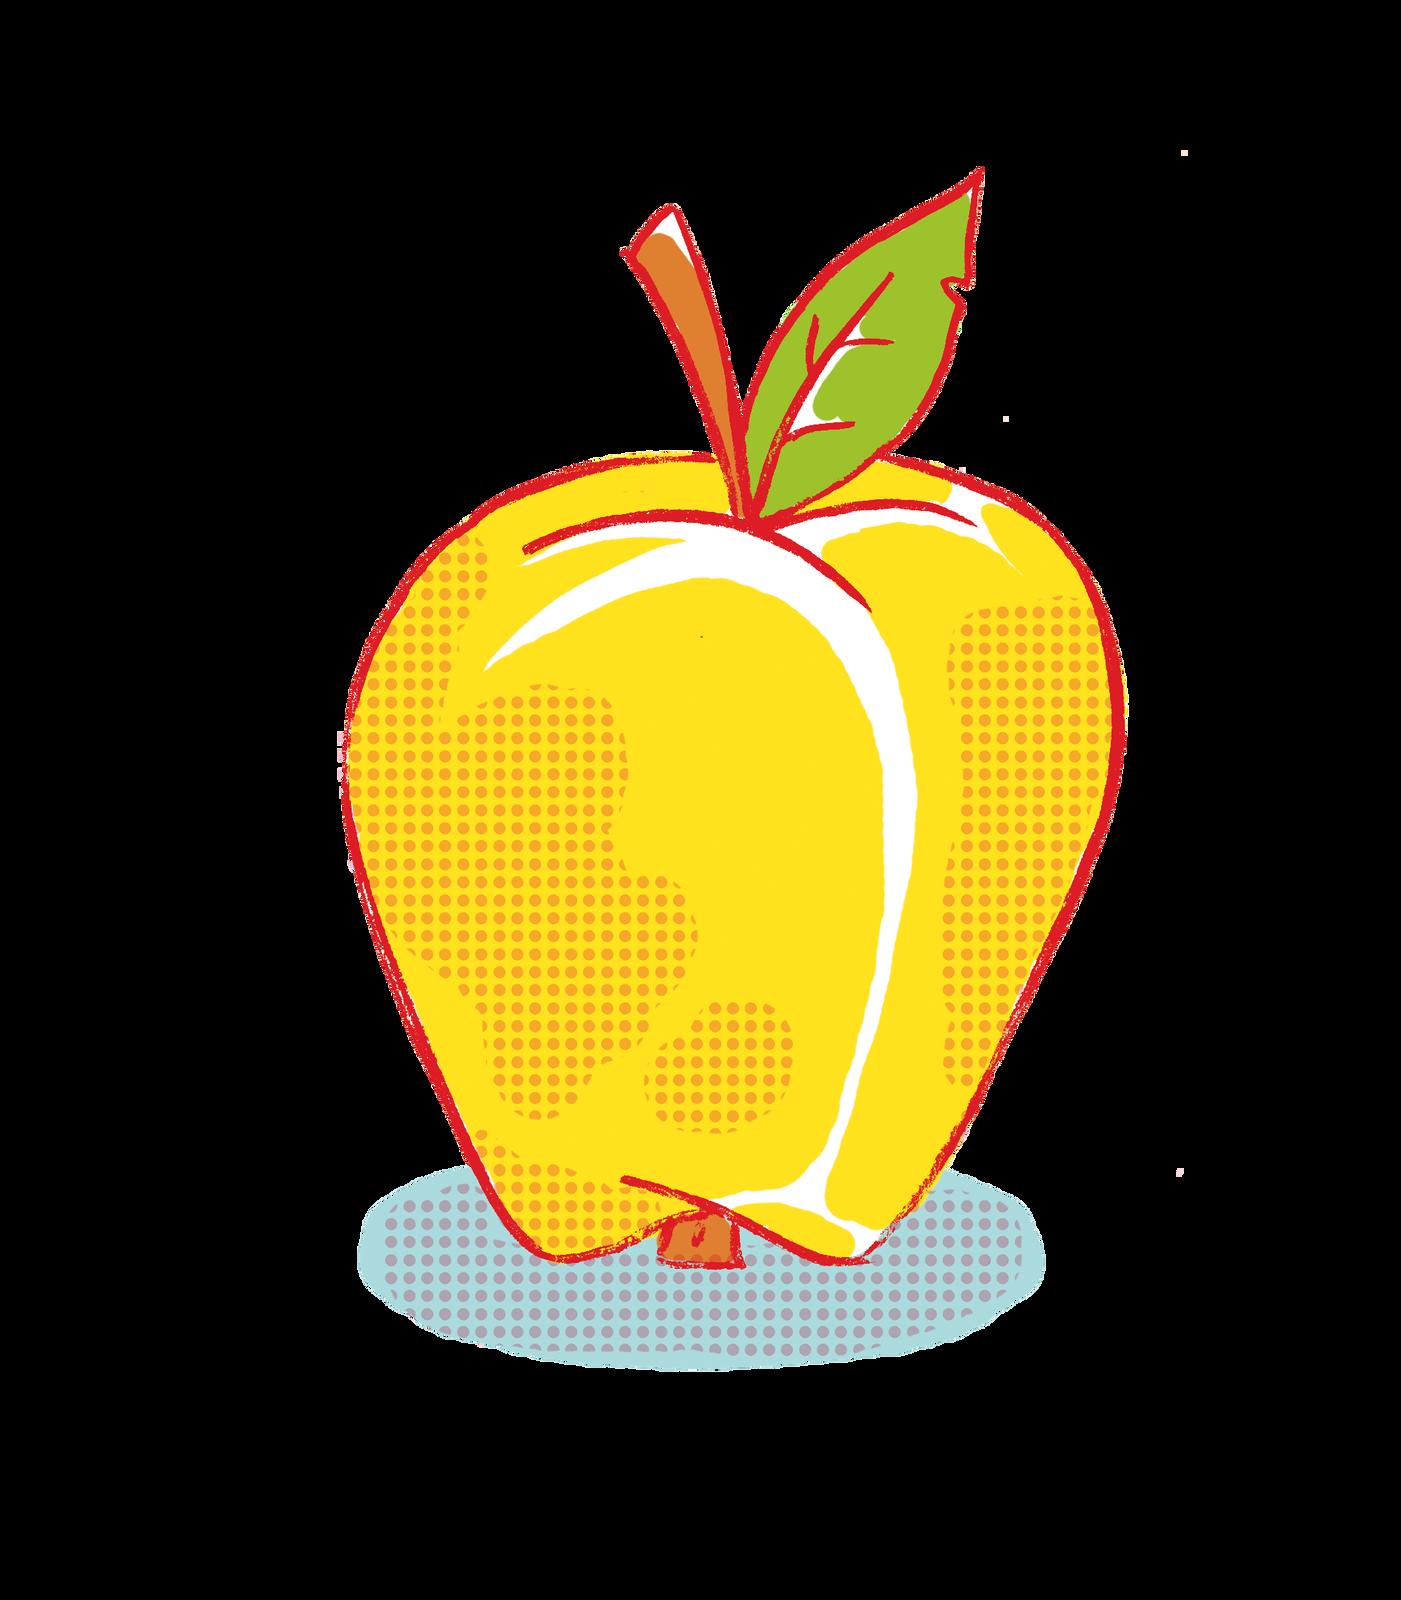 jabłko Źródło: Uniwersytet Wrocławski.